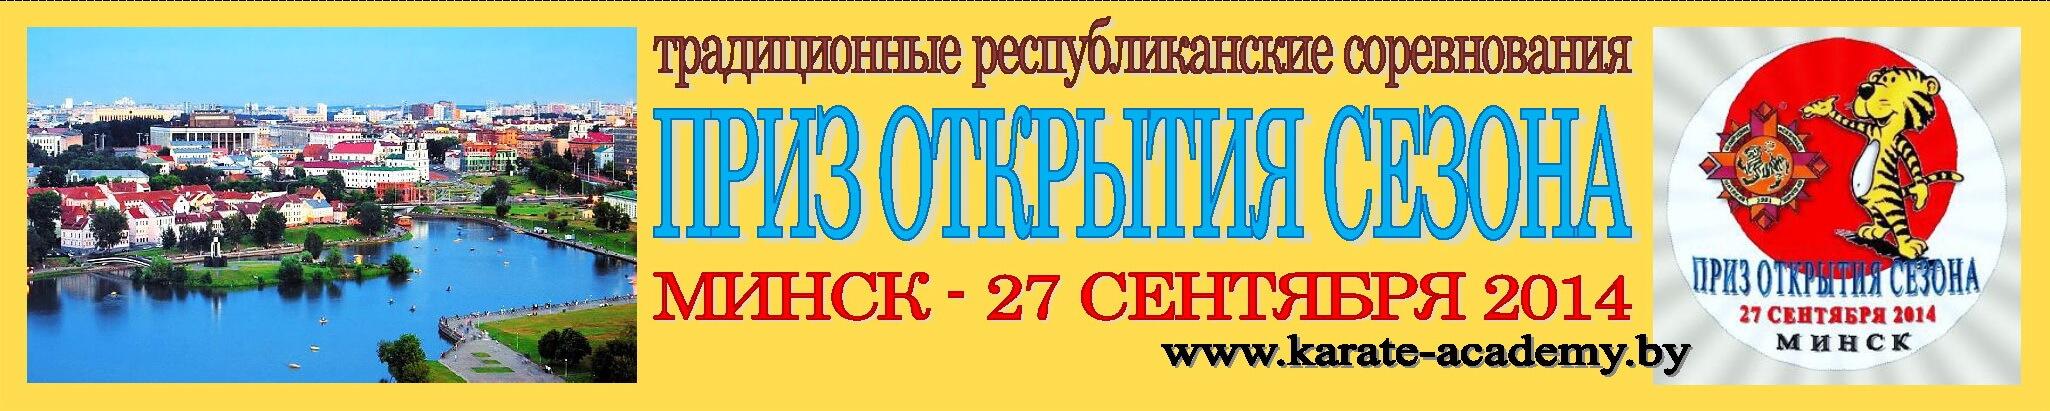 ПОС-2014 Баннер